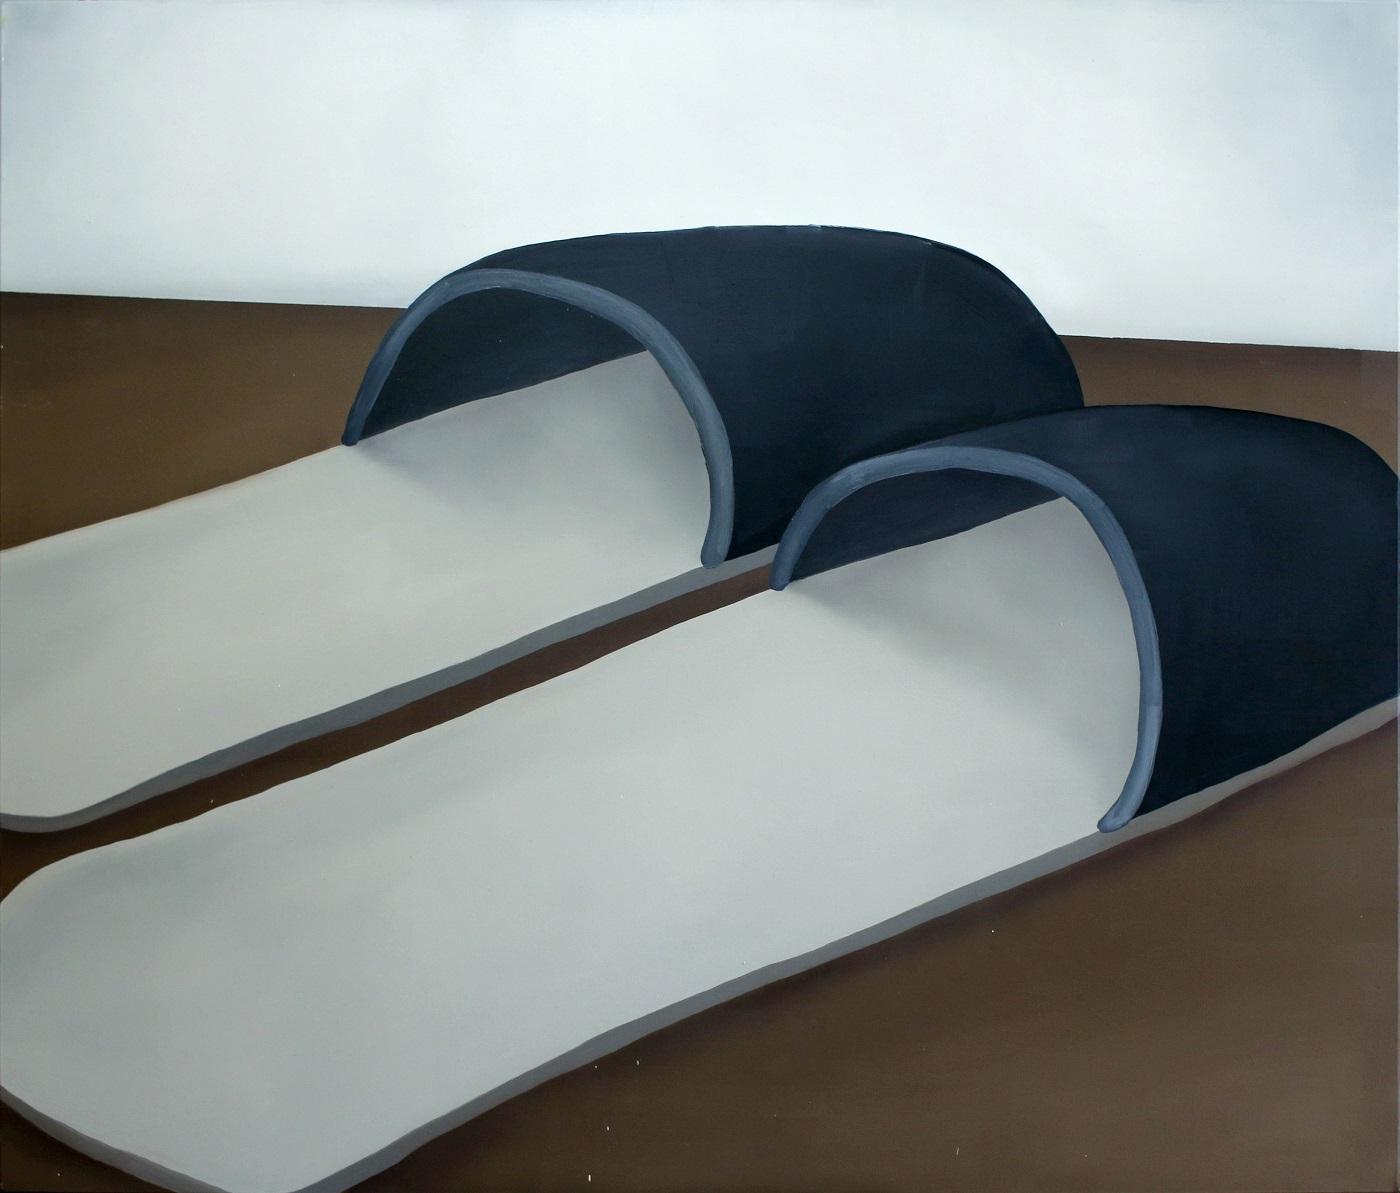 Tomasz Kręcicki, Klapki, 125×145 cm, olej na płótnie, 2018 (źródło: materiały prasowe)